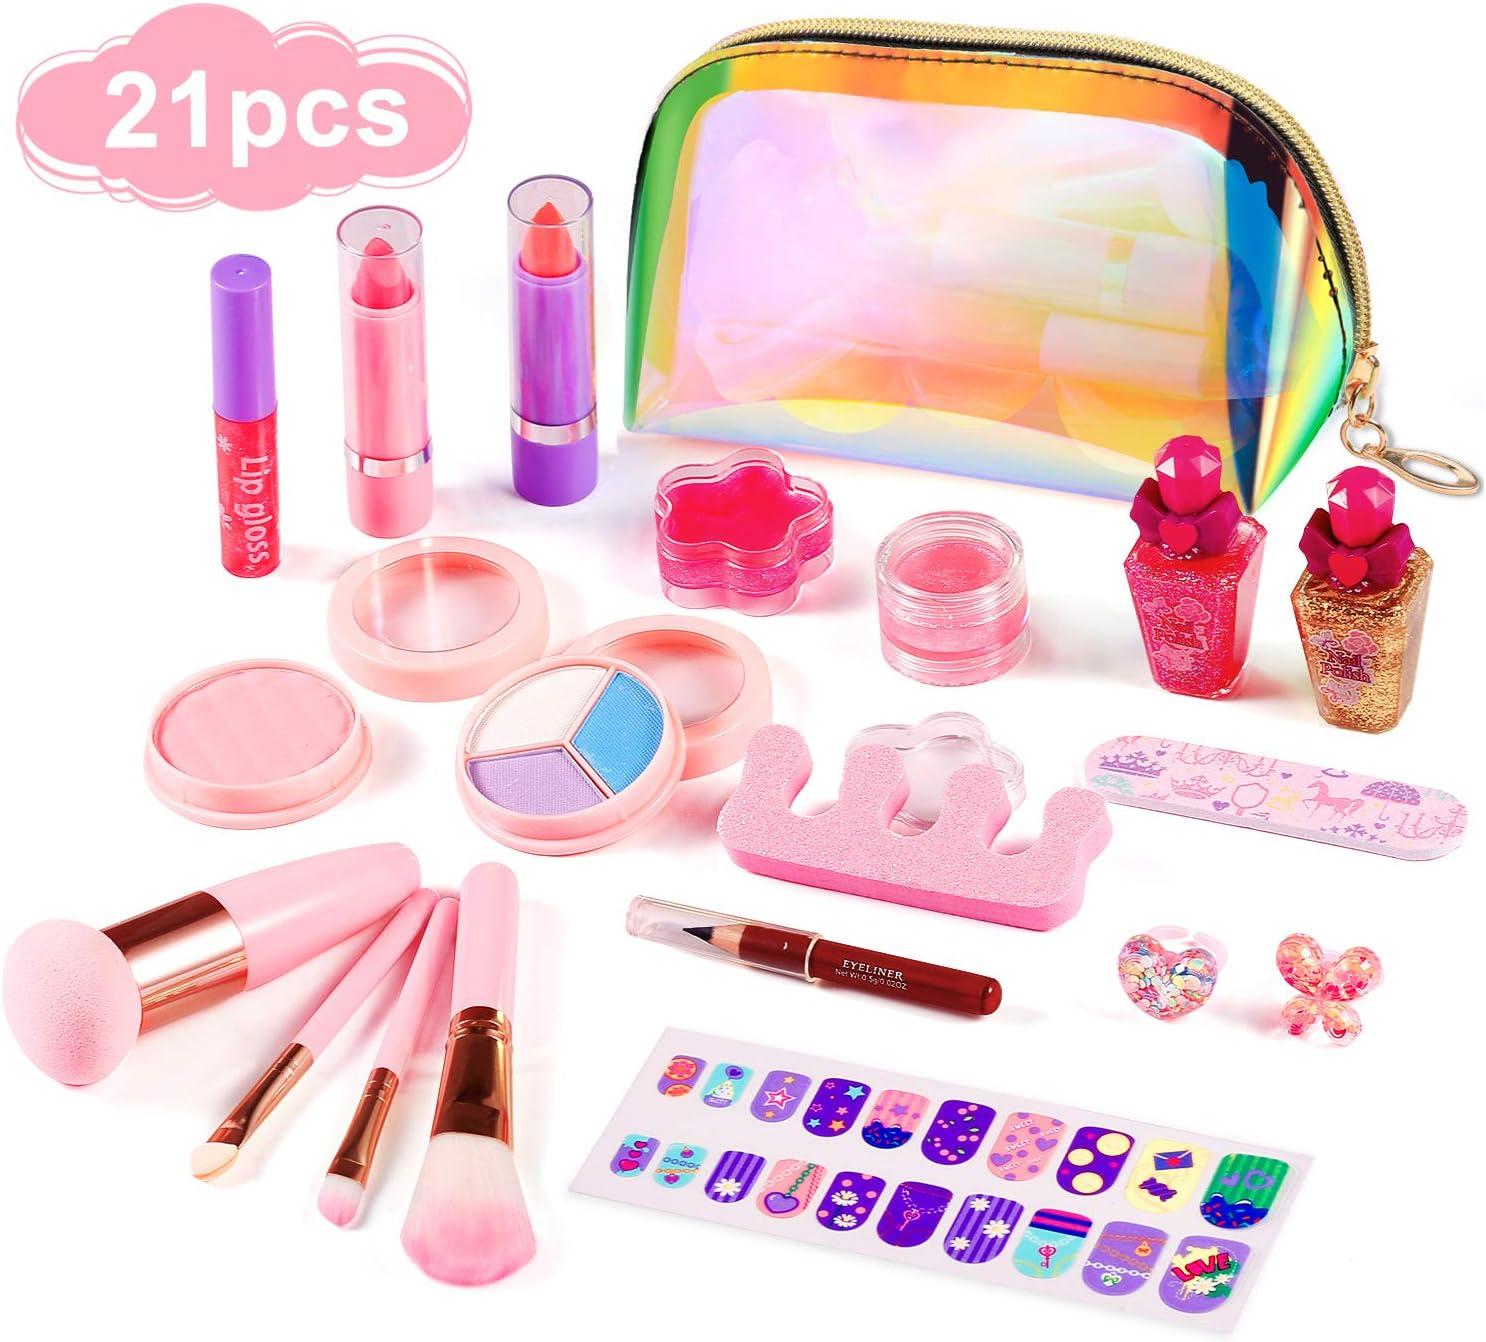 ARANEE 21PCS Juego de Maquillaje para niños para niñas, Kit de Juguete de Maquillaje Lavable con Bolsa de cosméticos con Purpurina